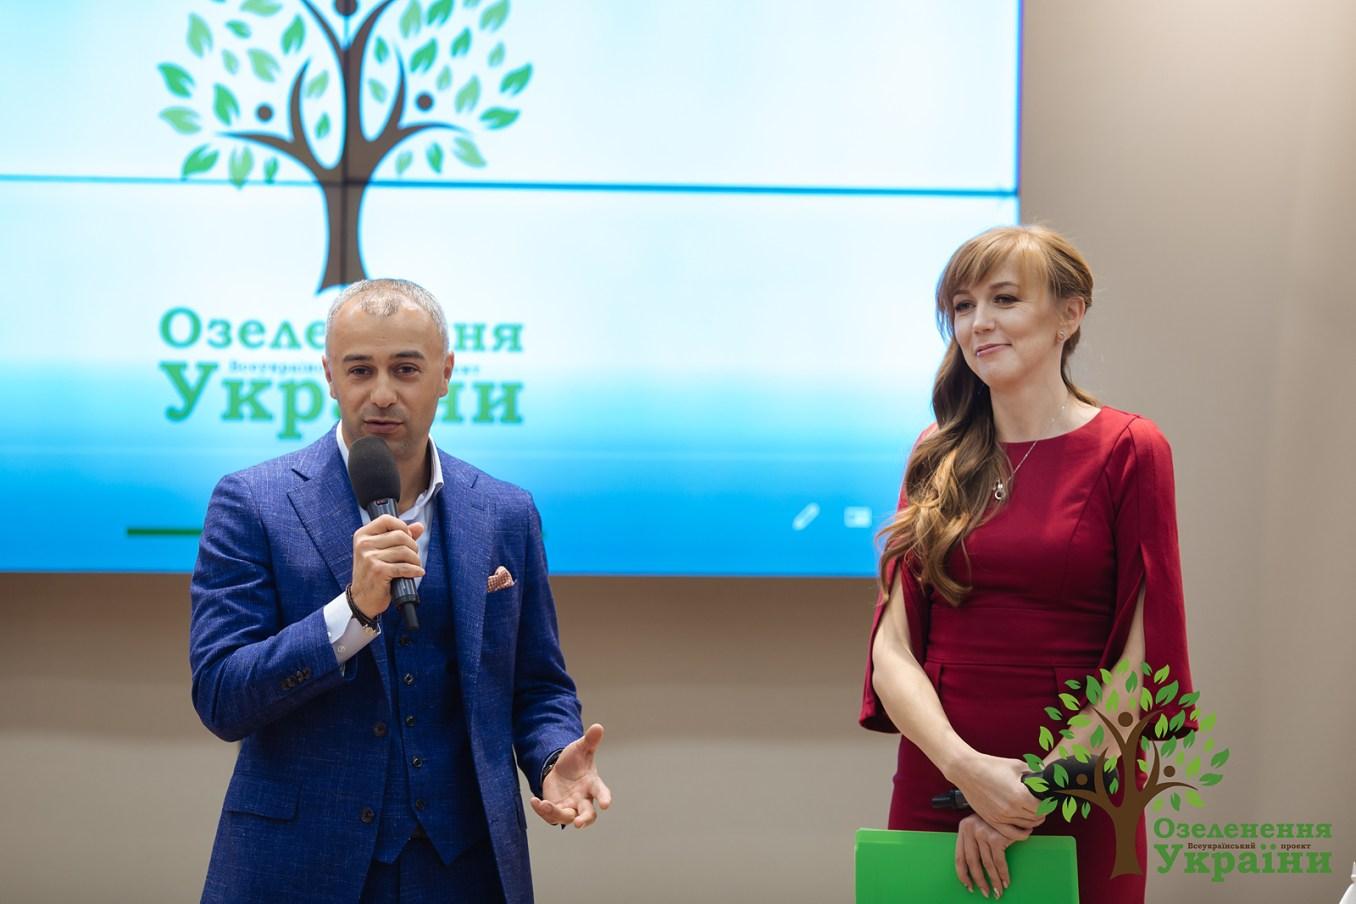 Відбувся гала-вечір з нагоди підведення підсумків «Озеленення України»